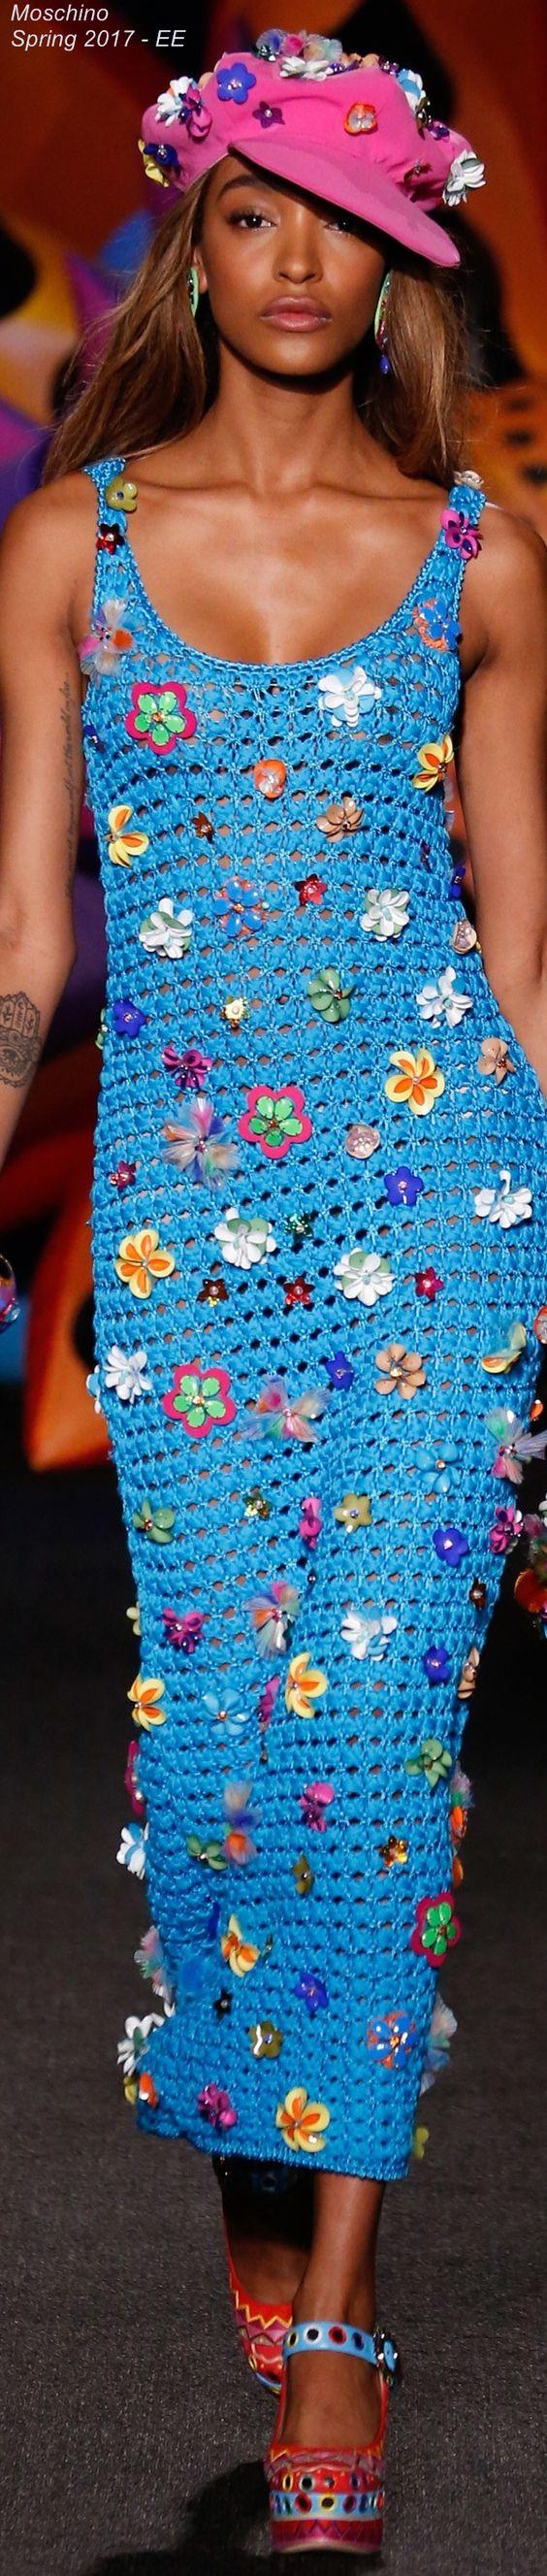 Spring 2017 Menswear Moschino - EE Croch? - Vestidos 19 ...